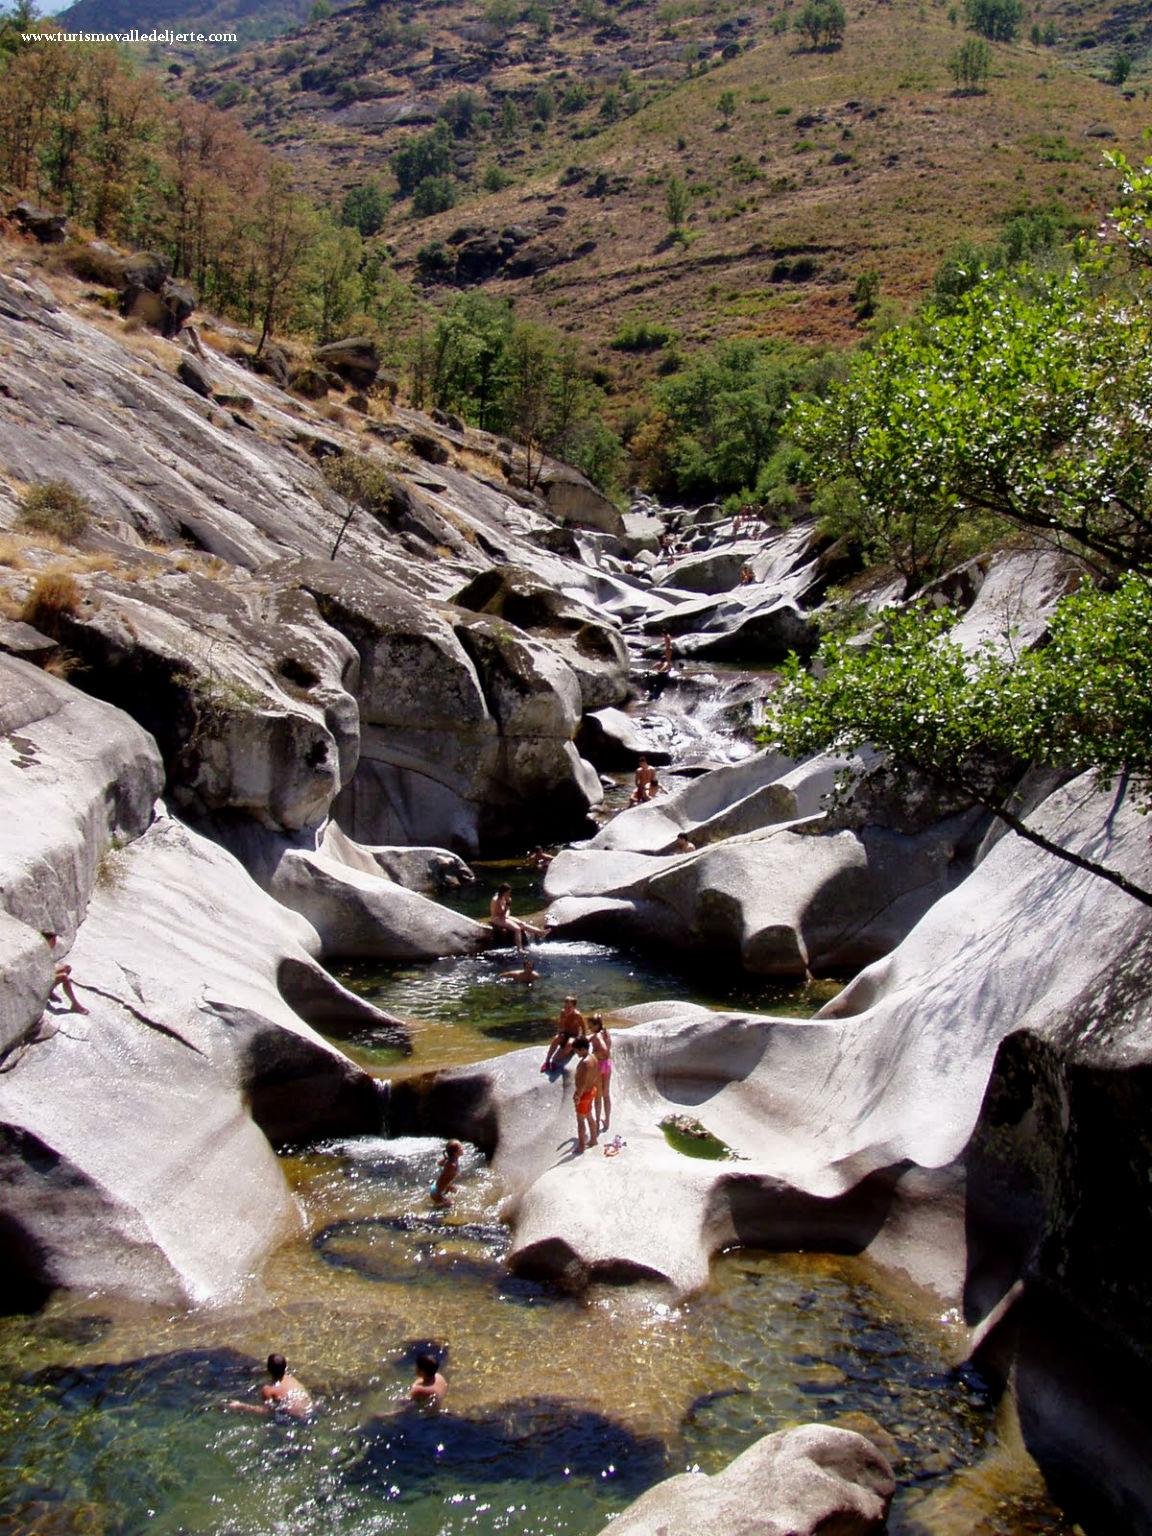 Piscinas naturales los pilones valle del jerte for Oficina de turismo valle del jerte